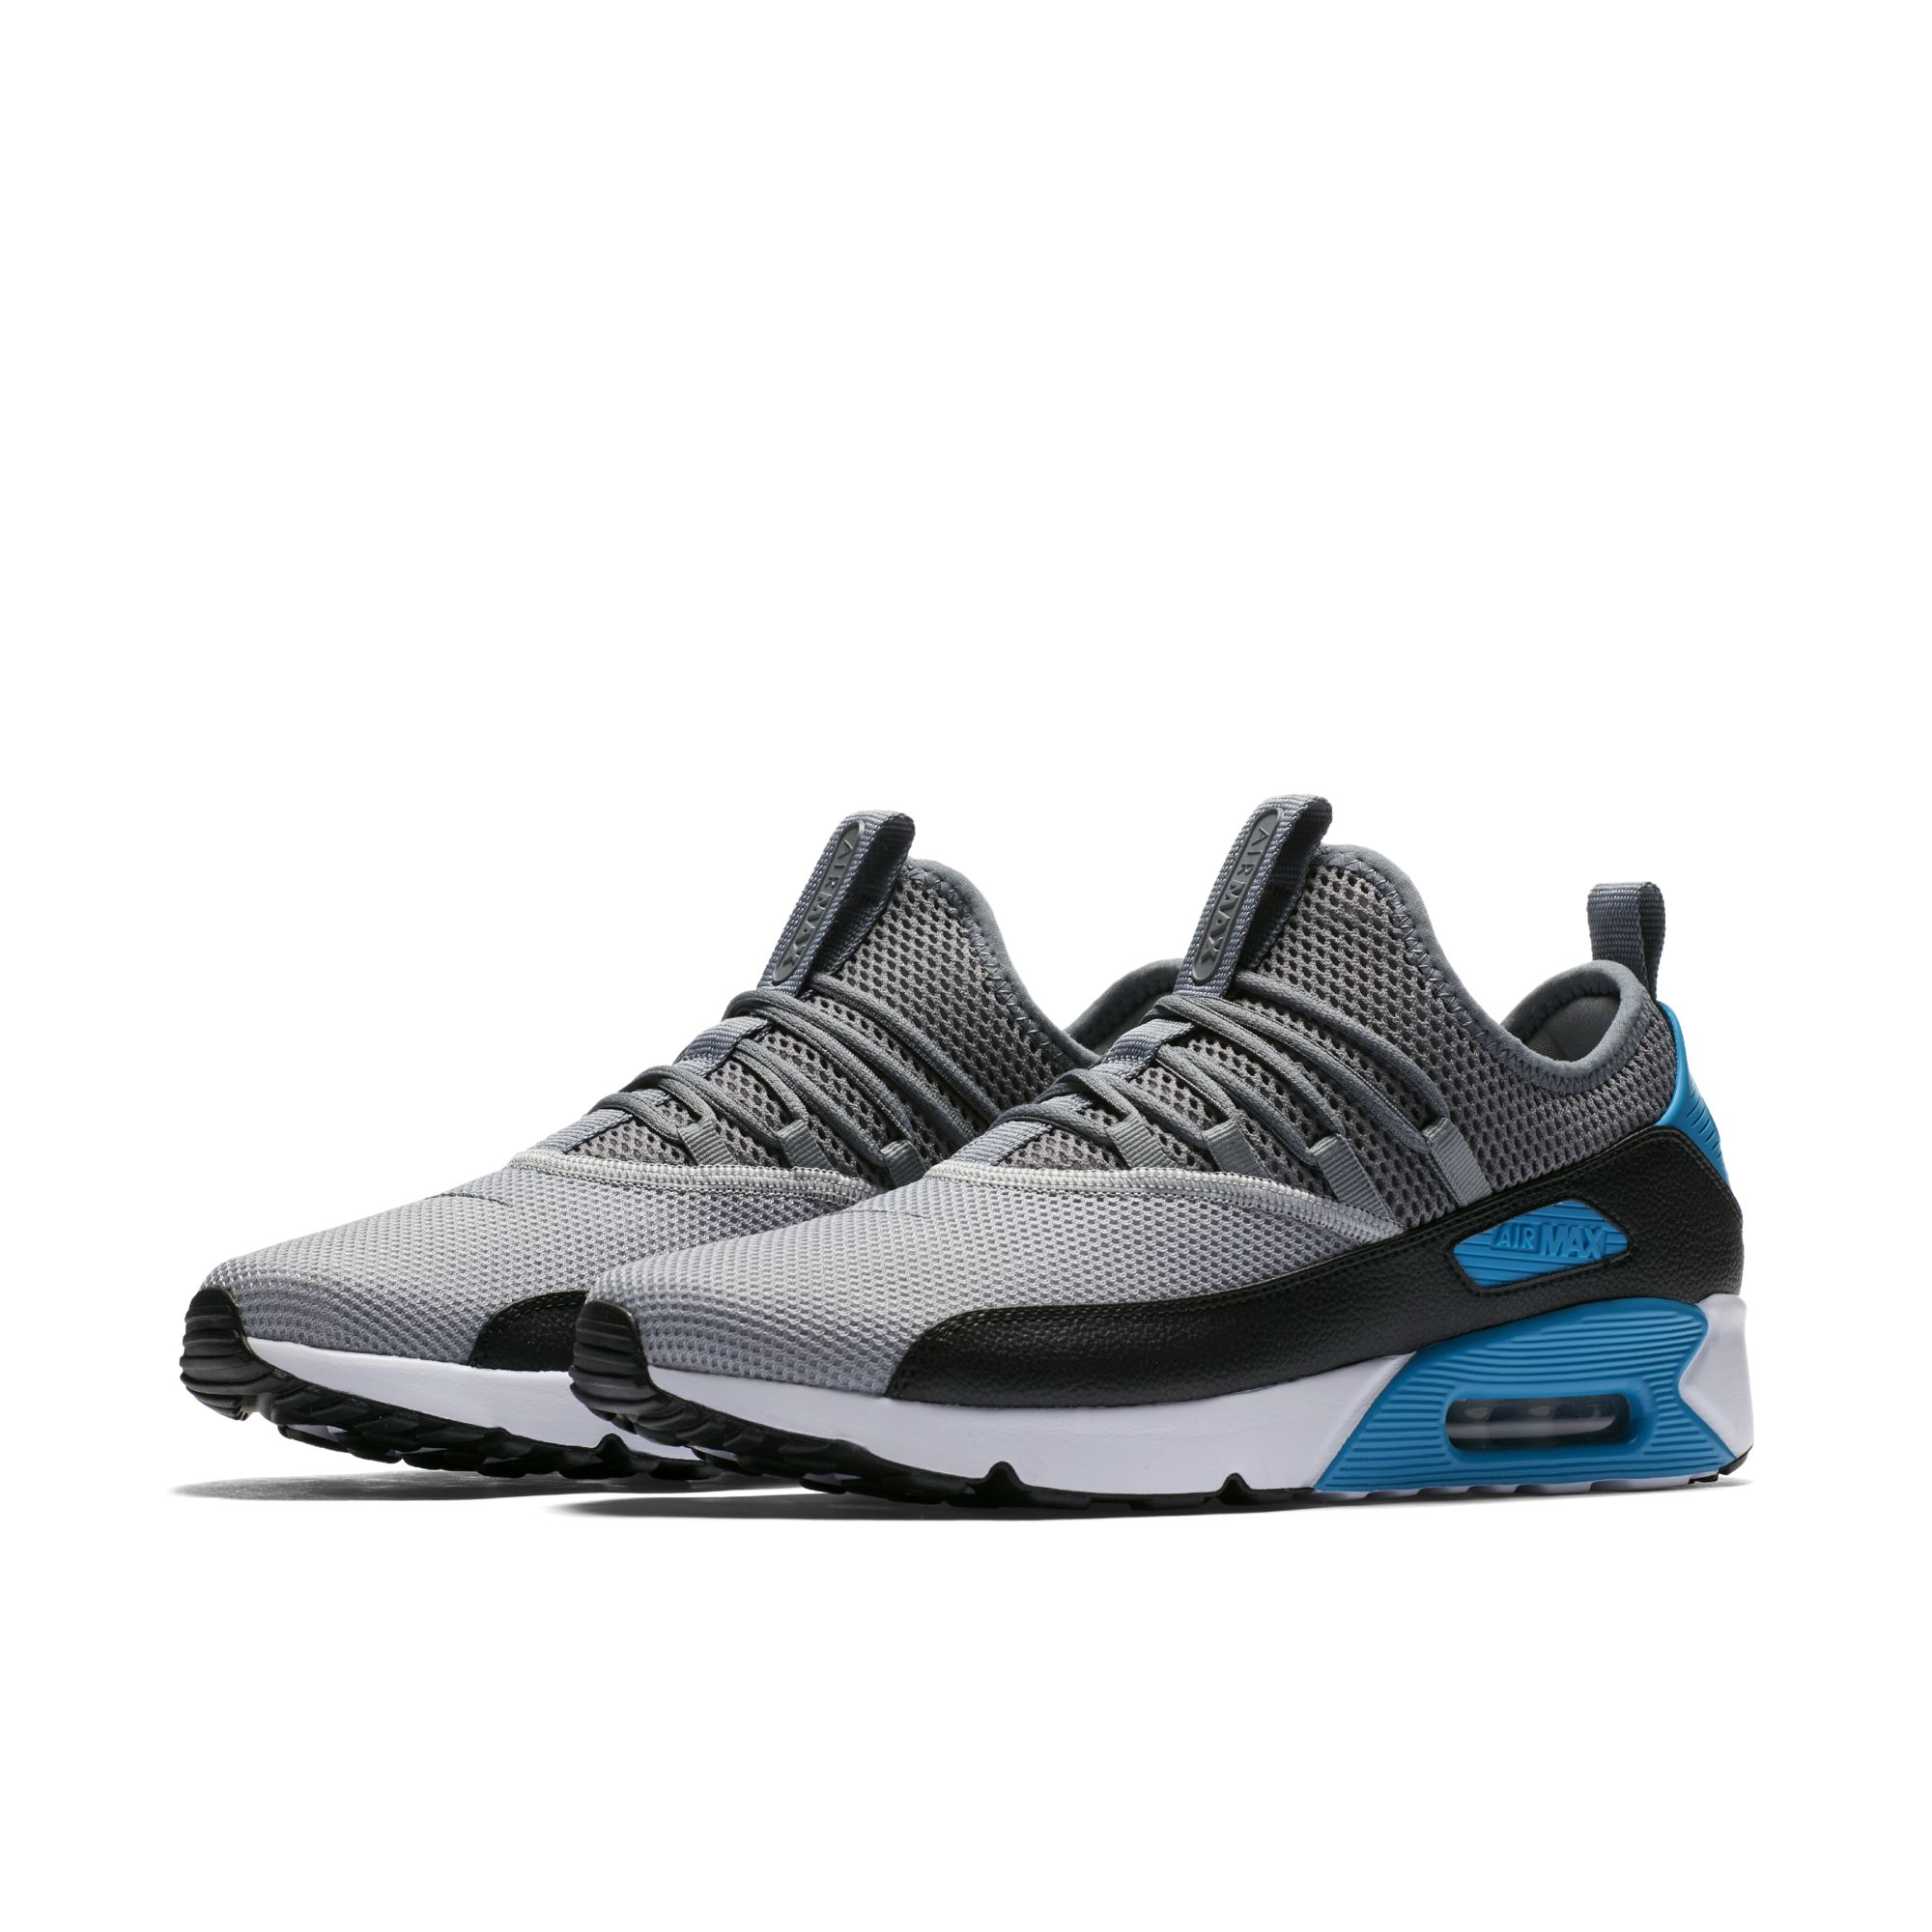 dettagli per la vendita di scarpe nuovo concetto nike air